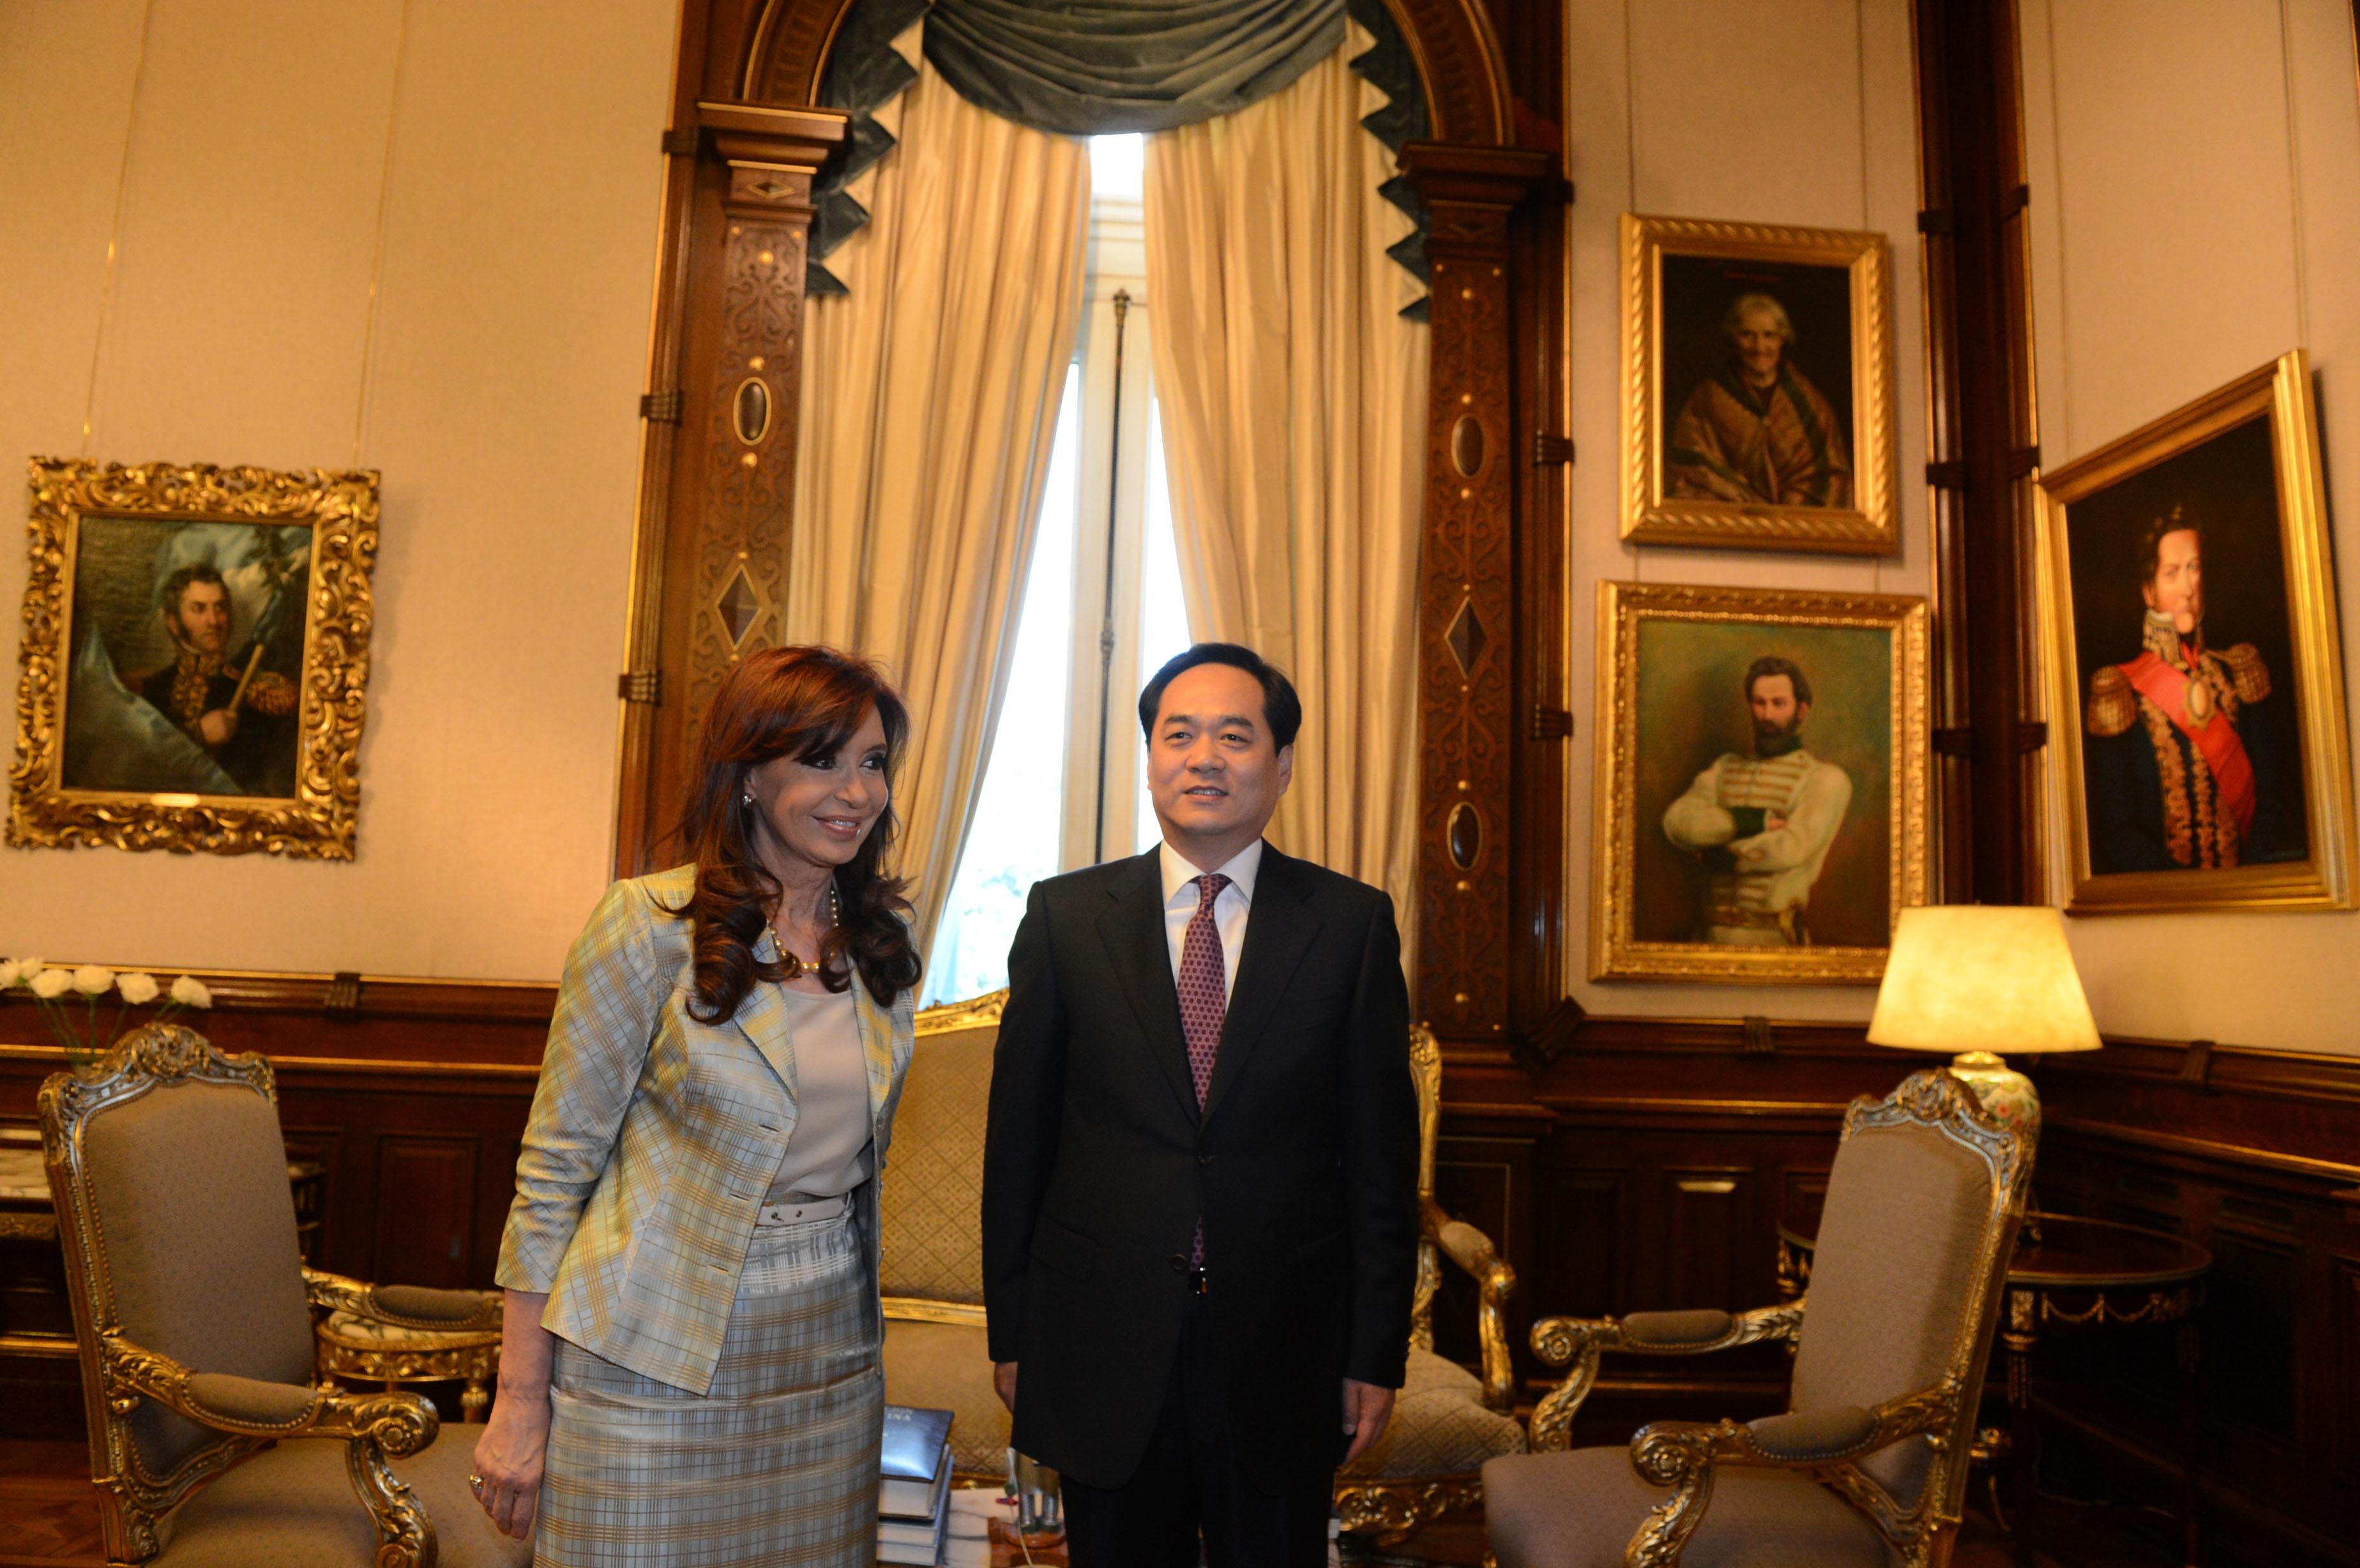 Cristina recibió las cartas credenciales del embajador de China.